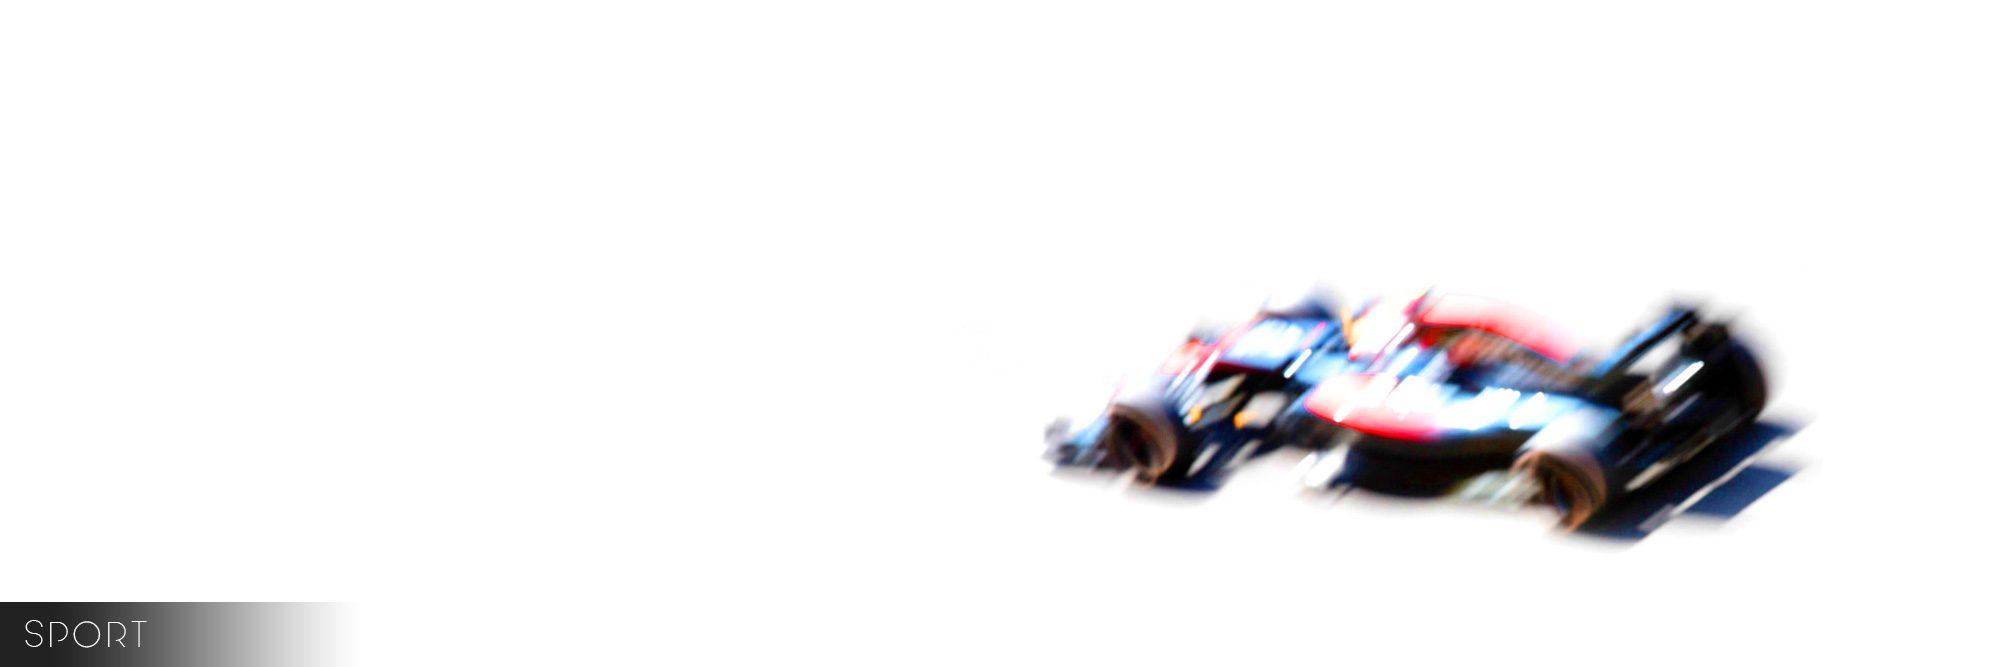 sport3d